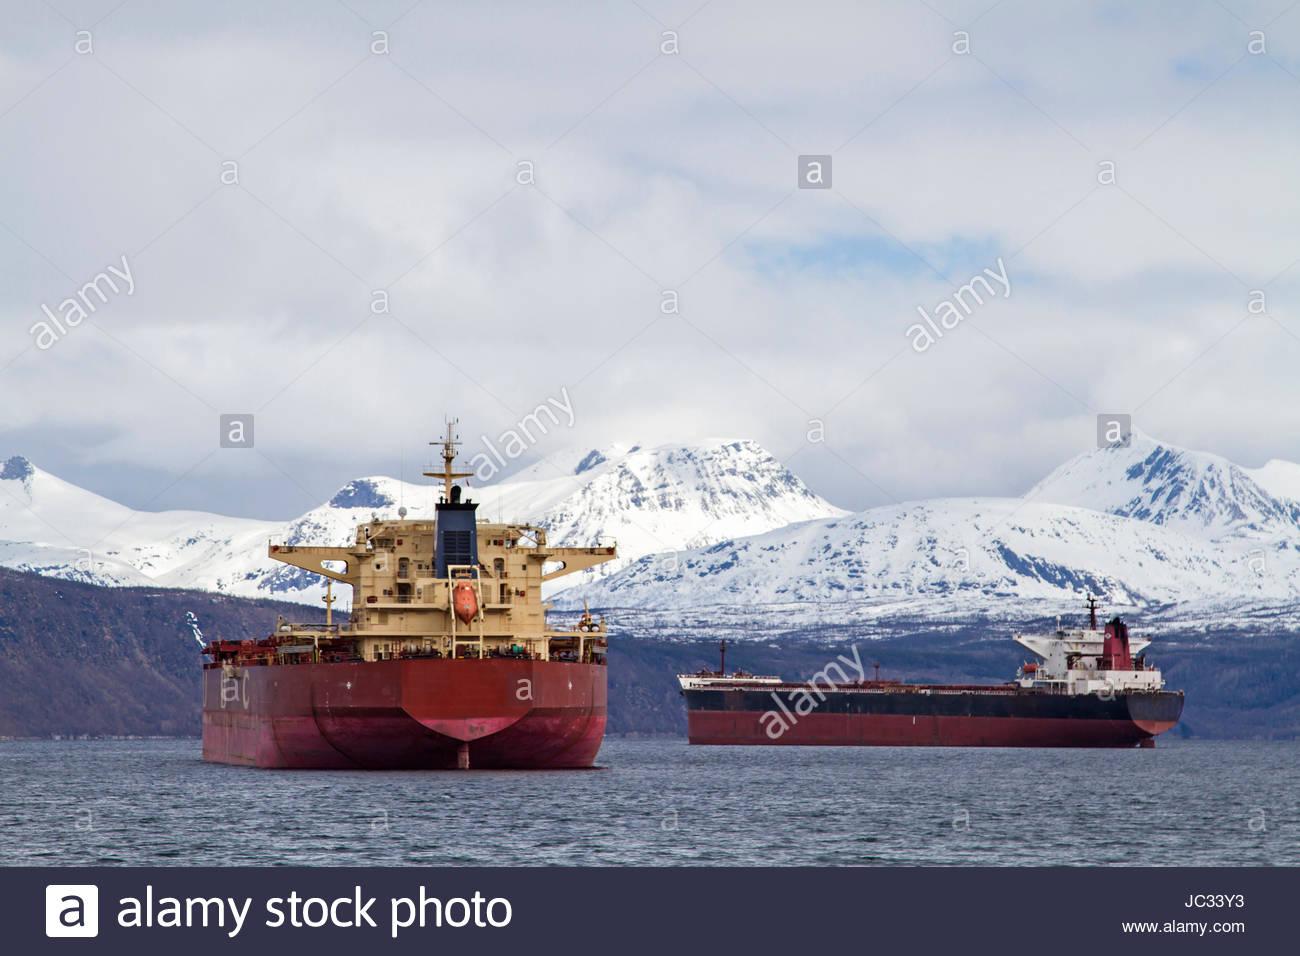 Die Frachter warten vor dem Hafen von Narvik auf ihre Ladung - Stock Image